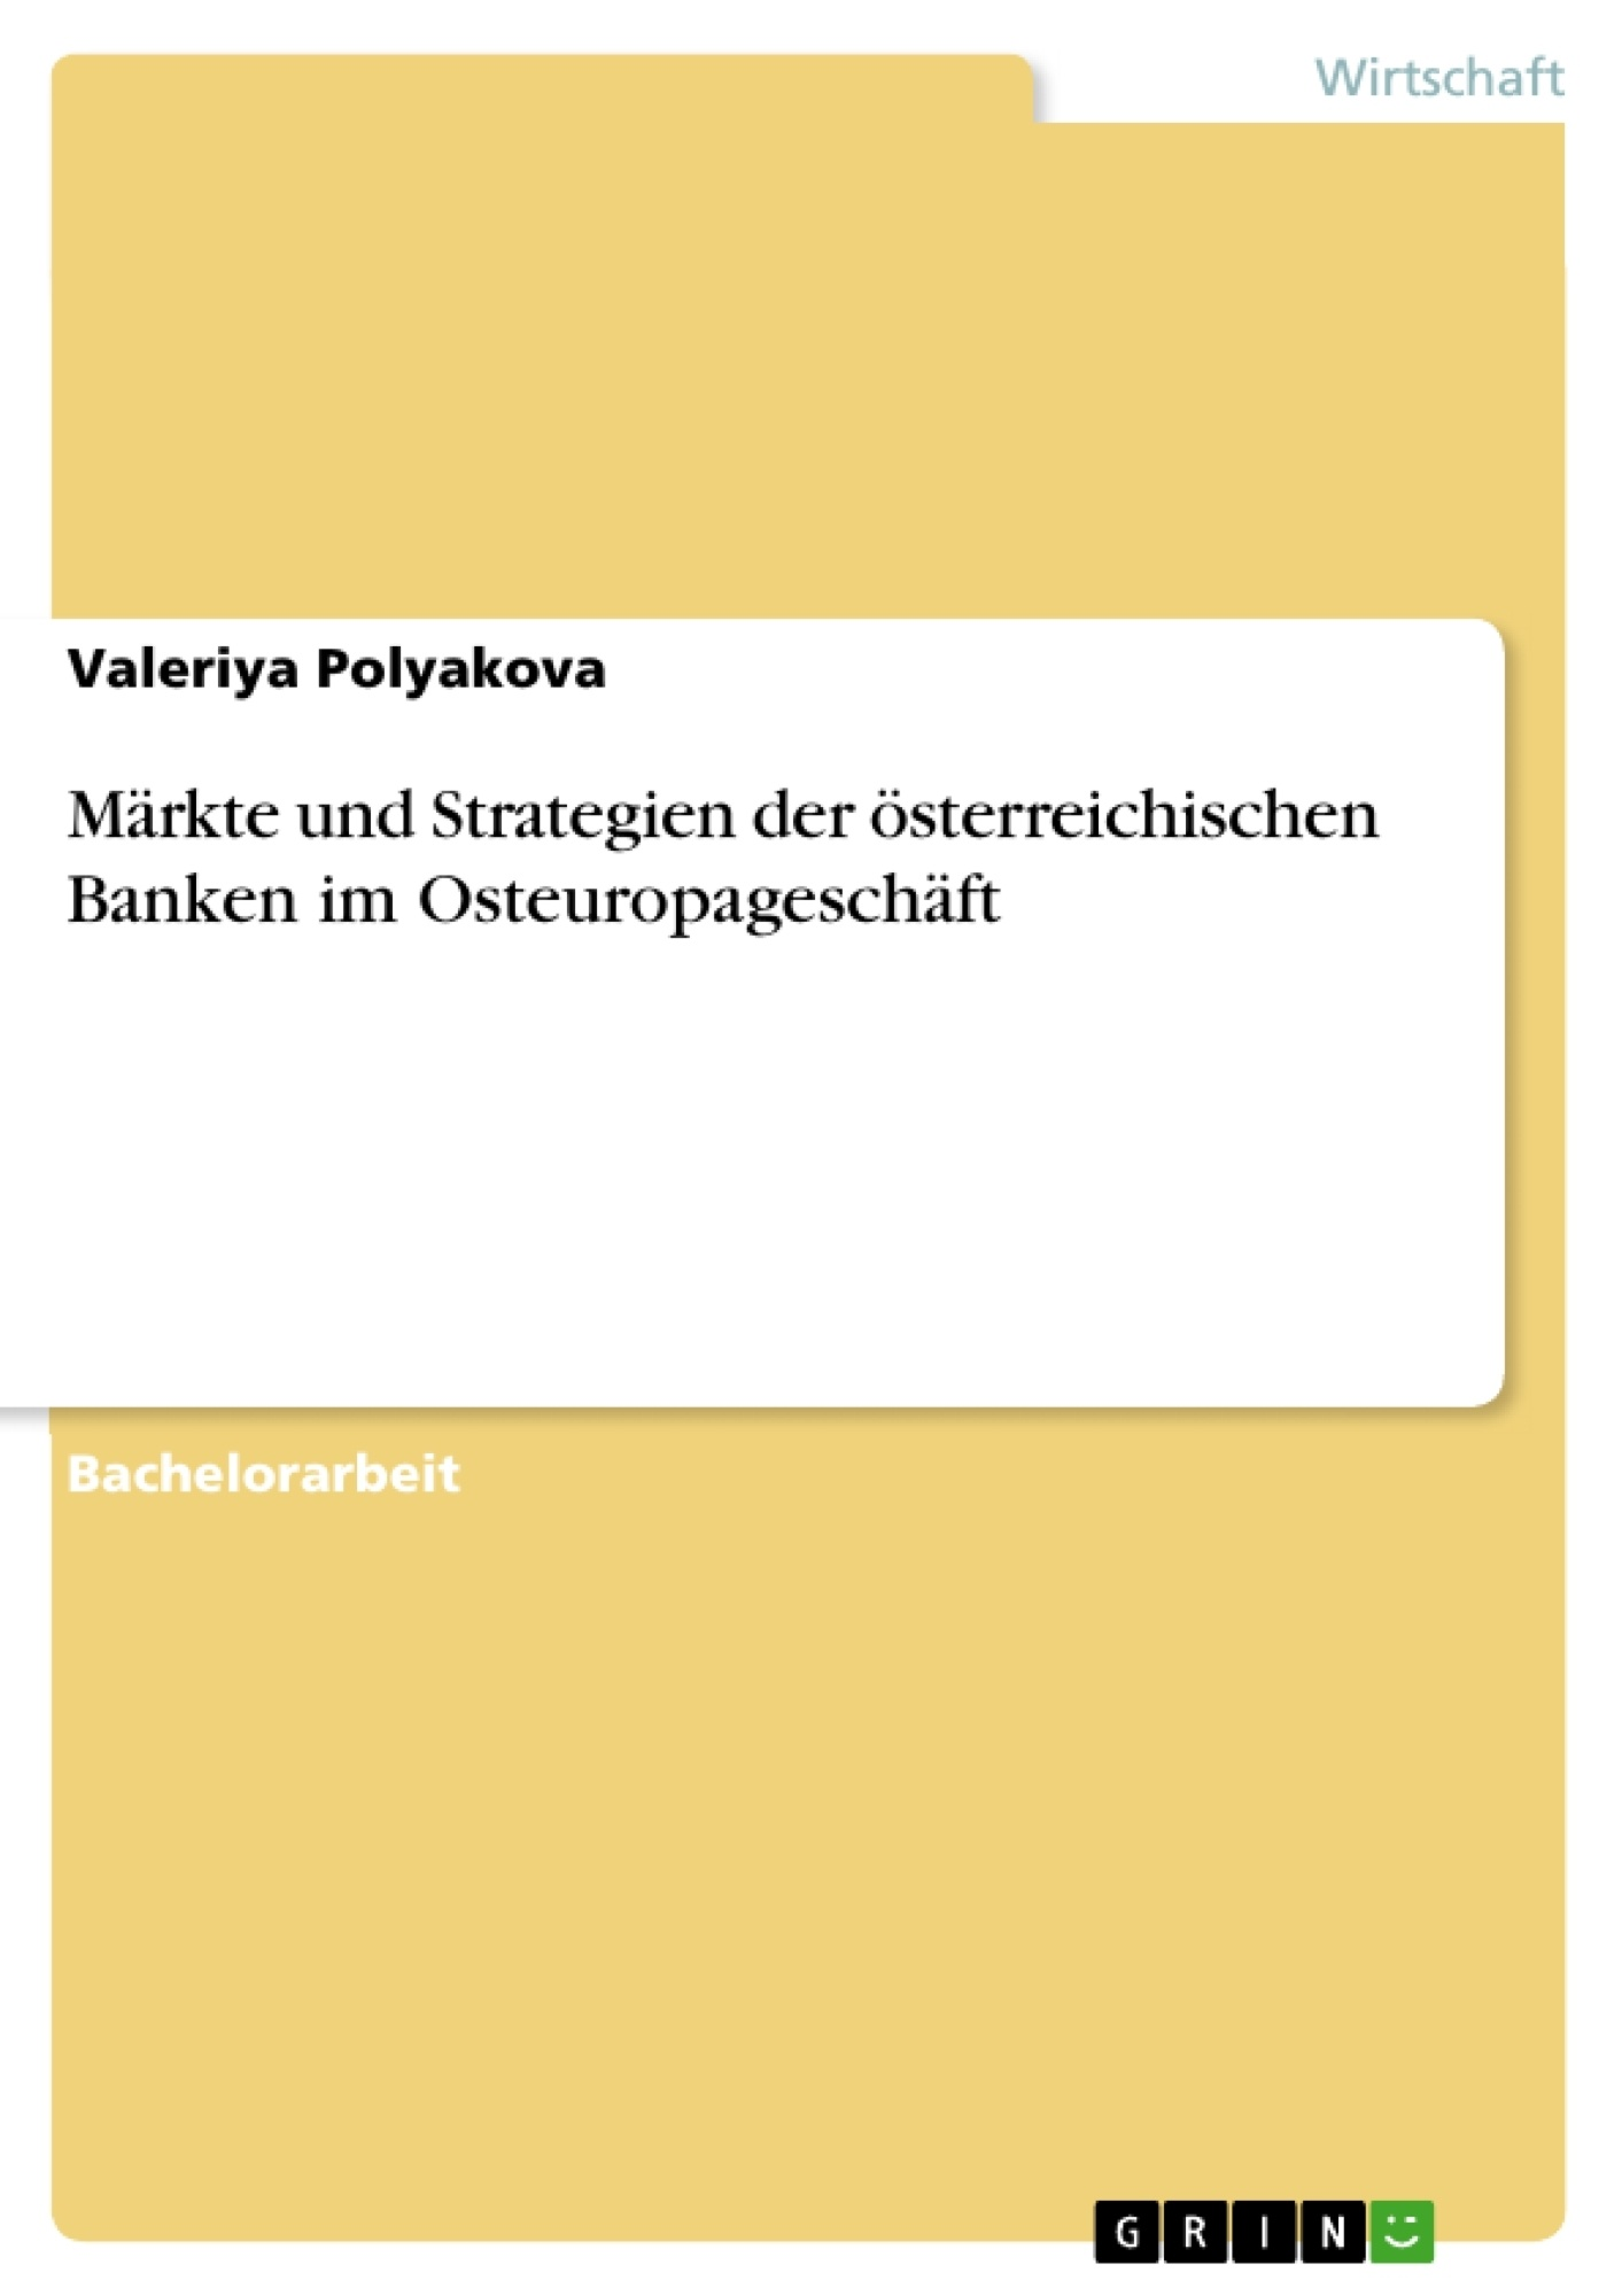 Titel: Märkte und Strategien der österreichischen Banken im Osteuropageschäft